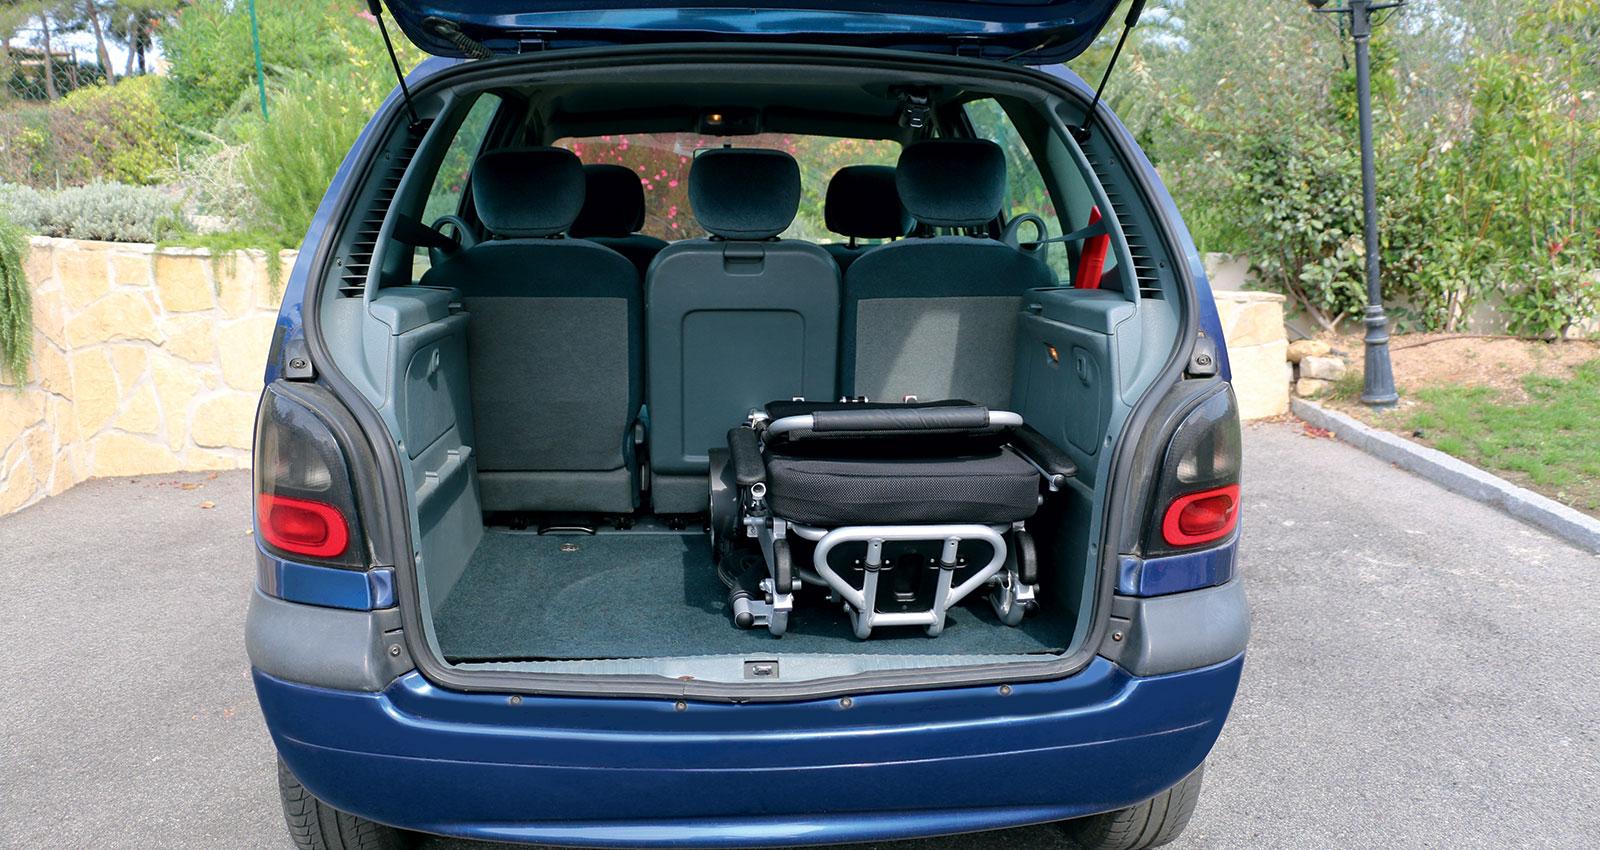 eloflex-hopfällbar-elrullstol-egen-bil-lätt